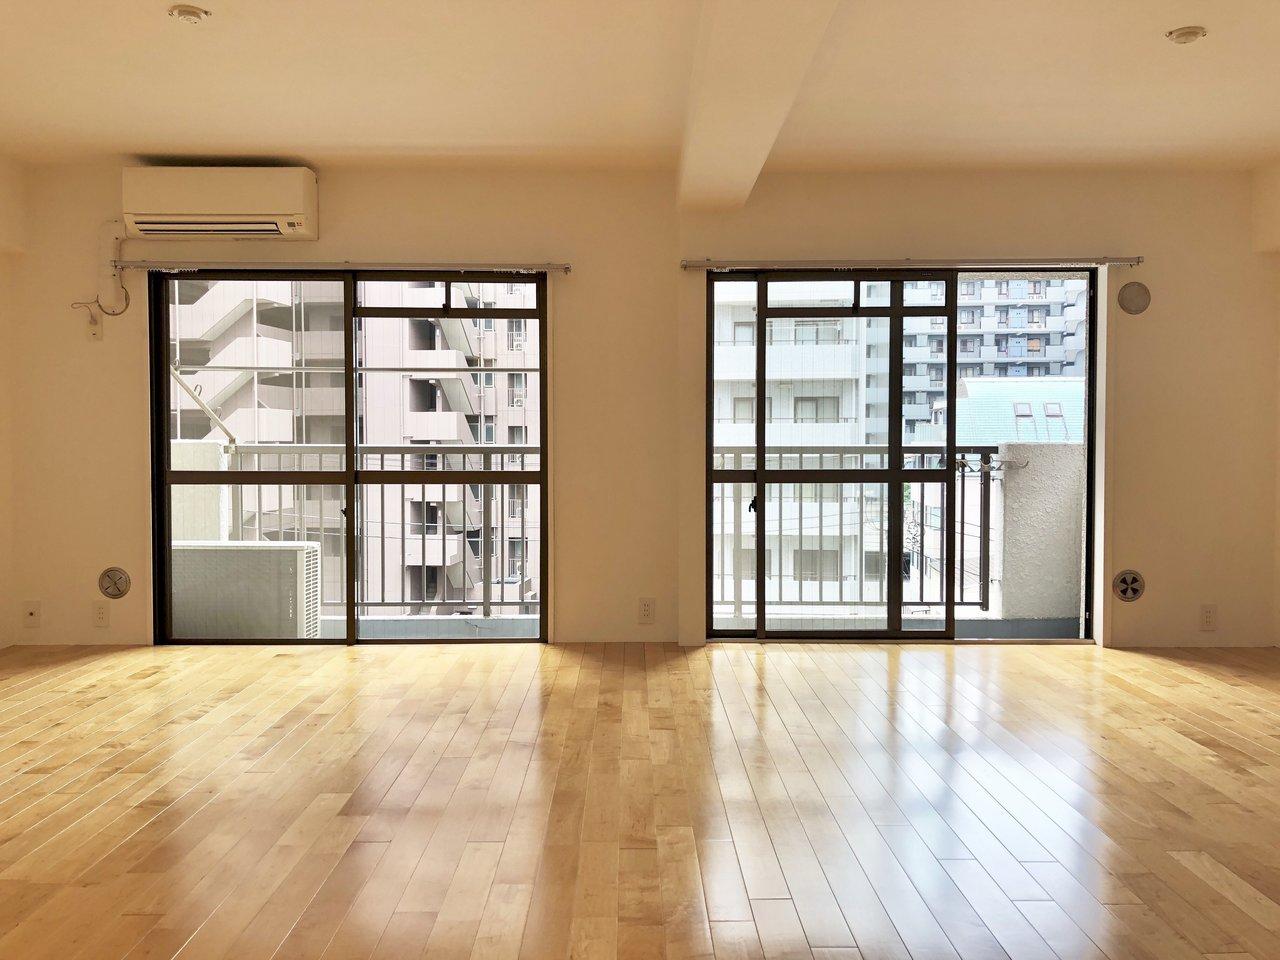 リノベーションで誕生したビッグLDKが嬉しいお部屋。これだけ広いと、いろんな家具配置が楽しめますね。